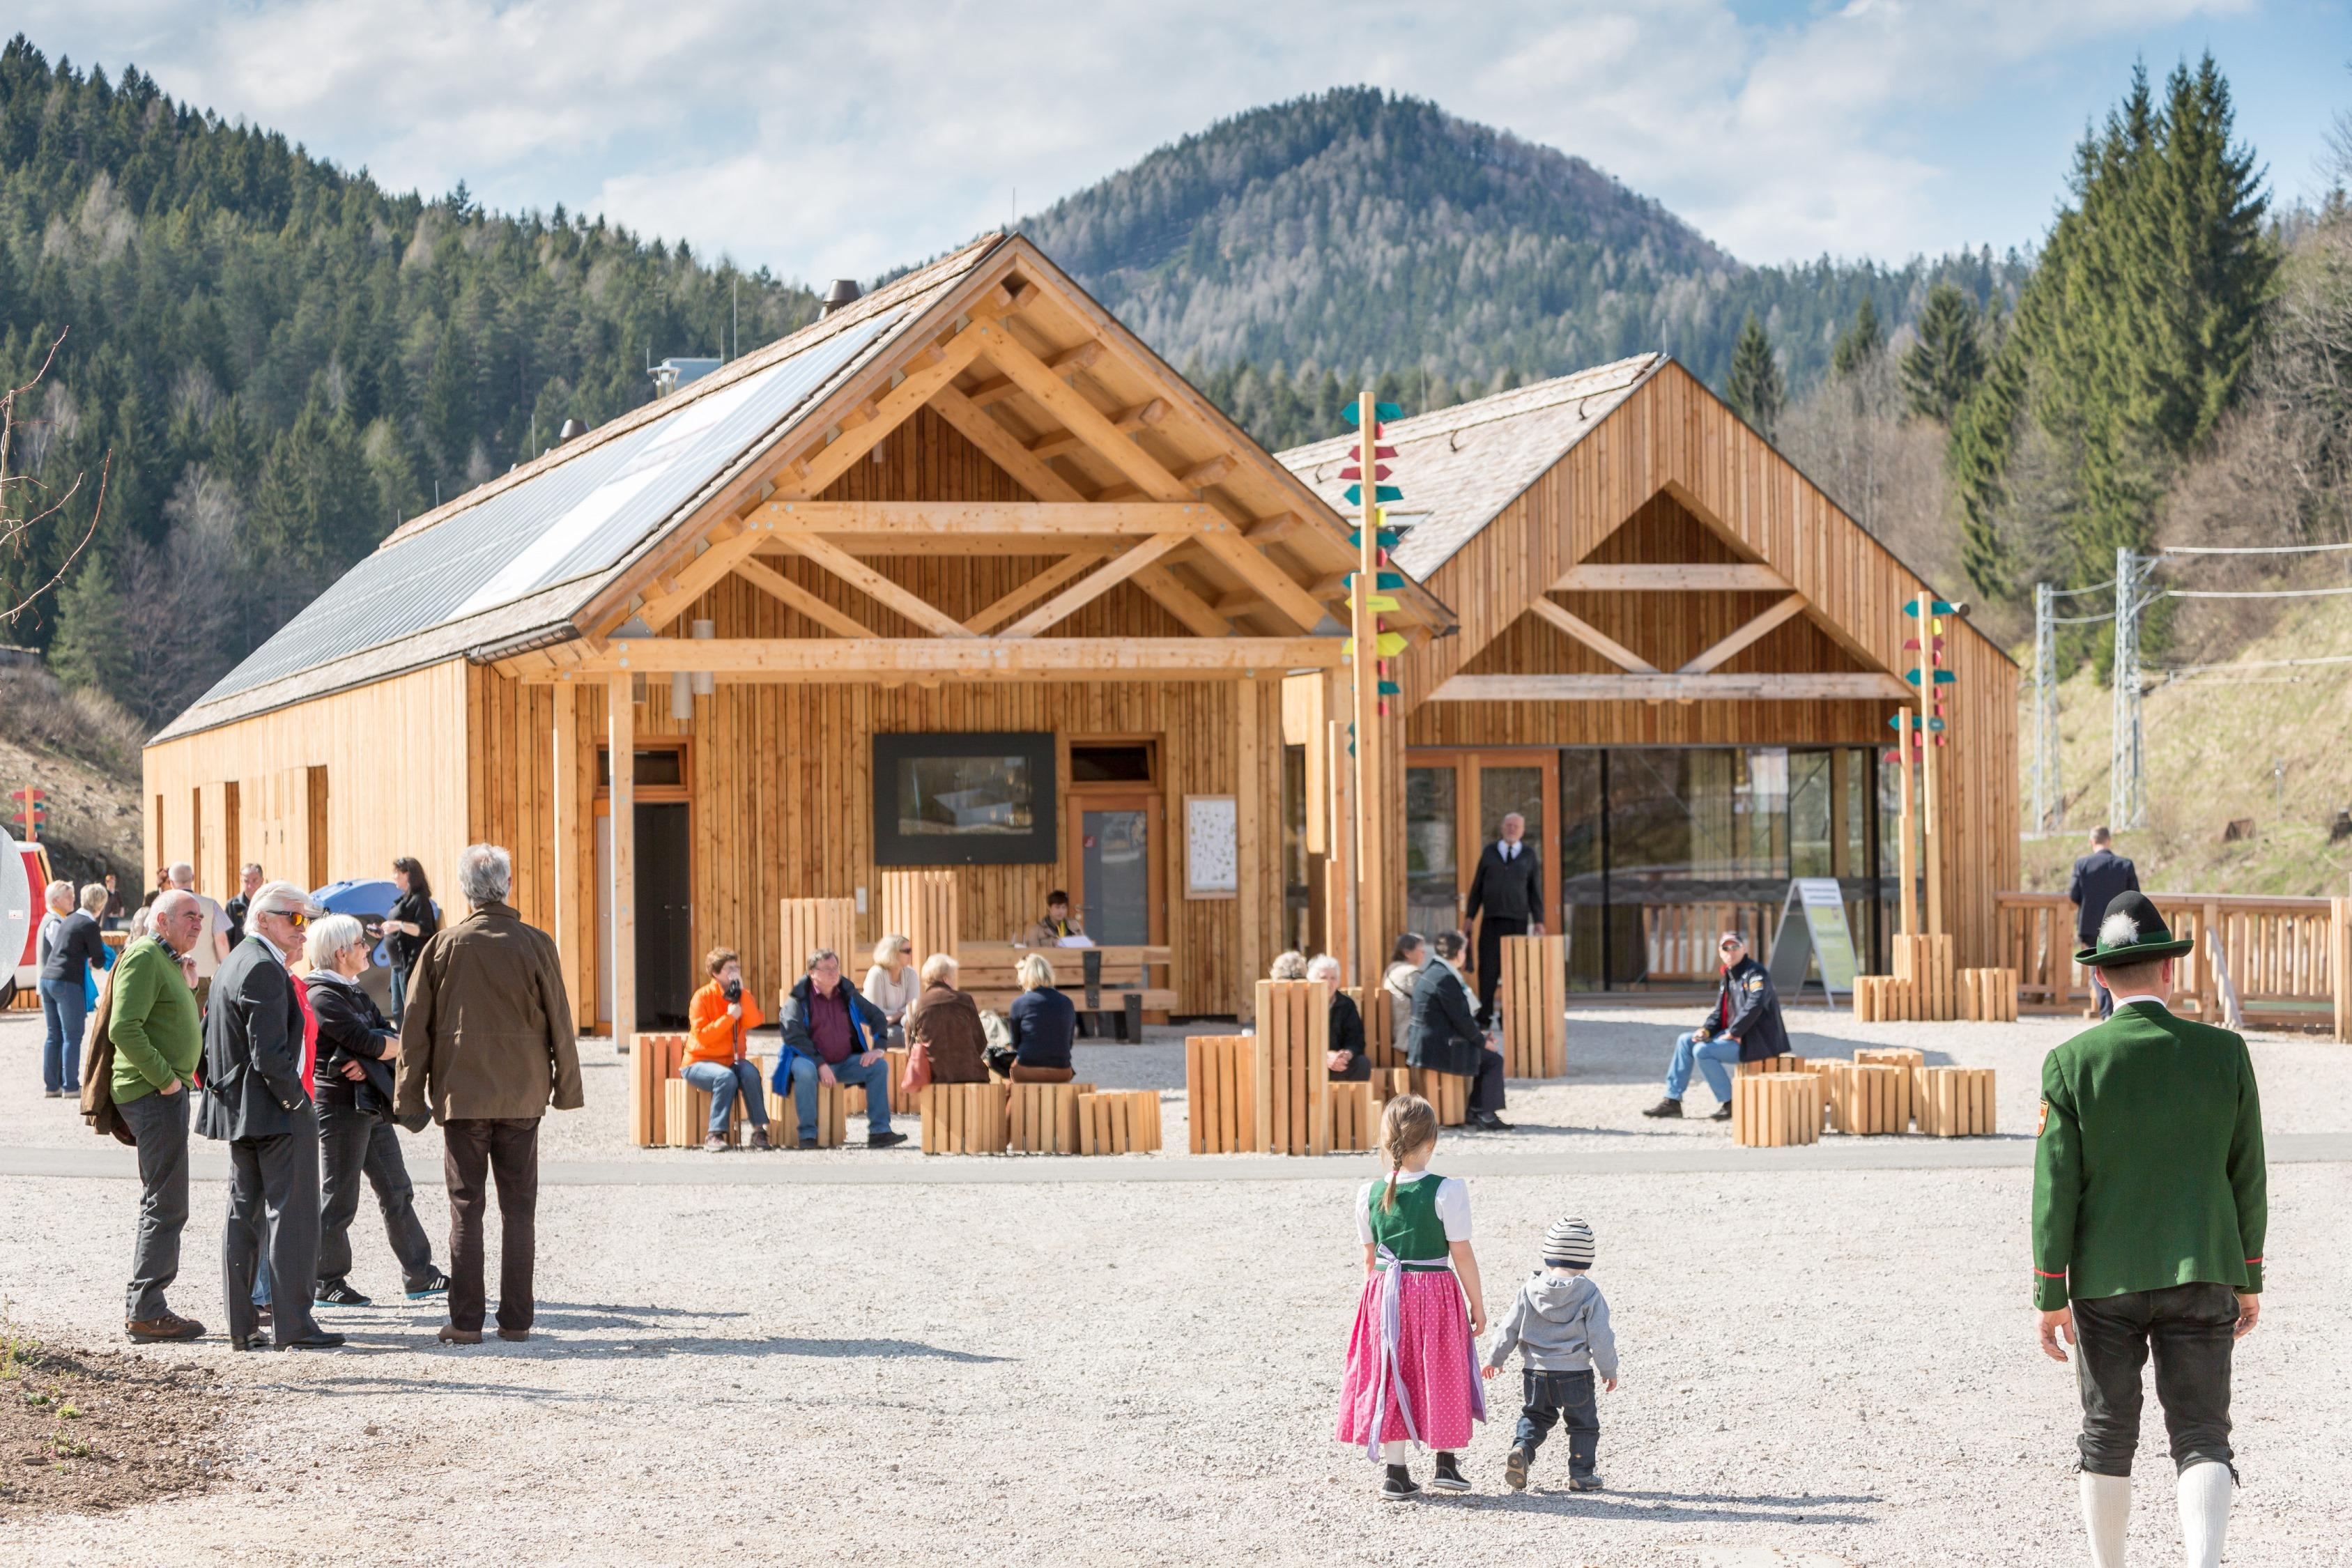 Das Naturpark-Zentrum Ötscher-Basis bleibt als touristischer Angelpunkt erhalten. Foto: Fred Lindmoser